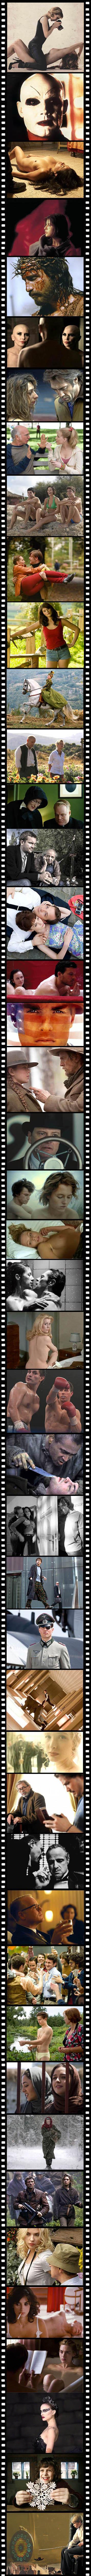 https://wizjalokalna.files.wordpress.com/2011/05/film-kino-recenzje-kadry.jpg?w=780